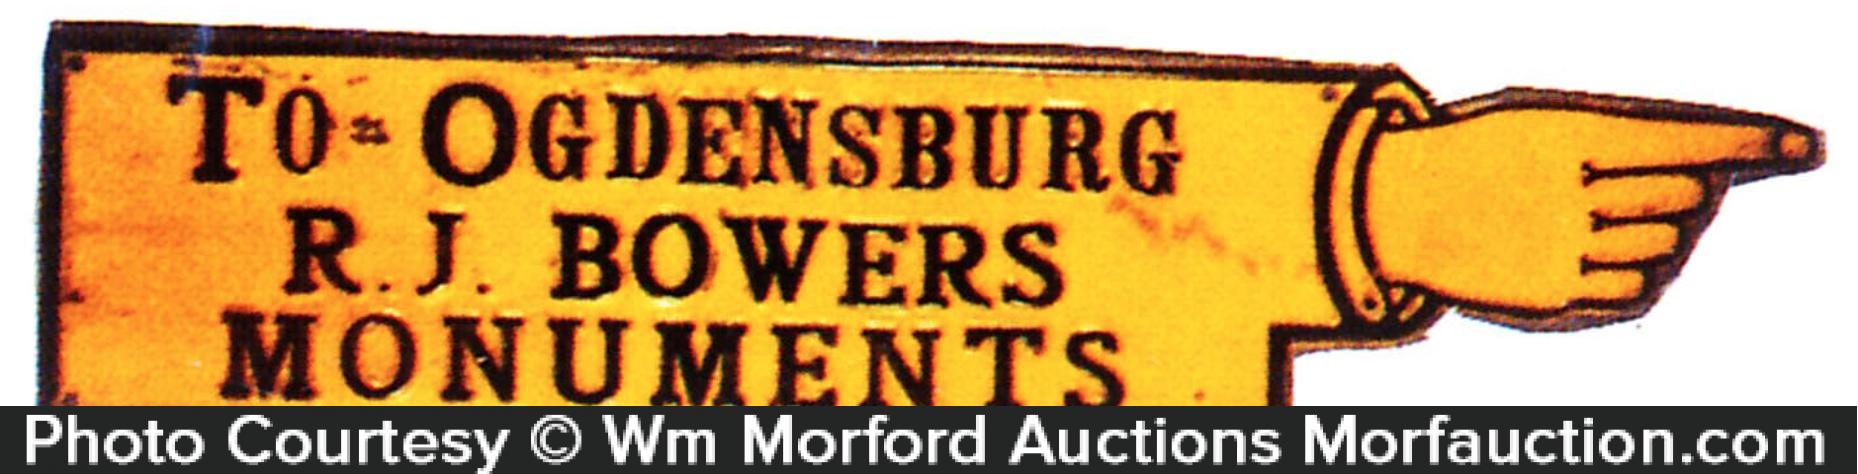 Ogdensburg Monuments Sign